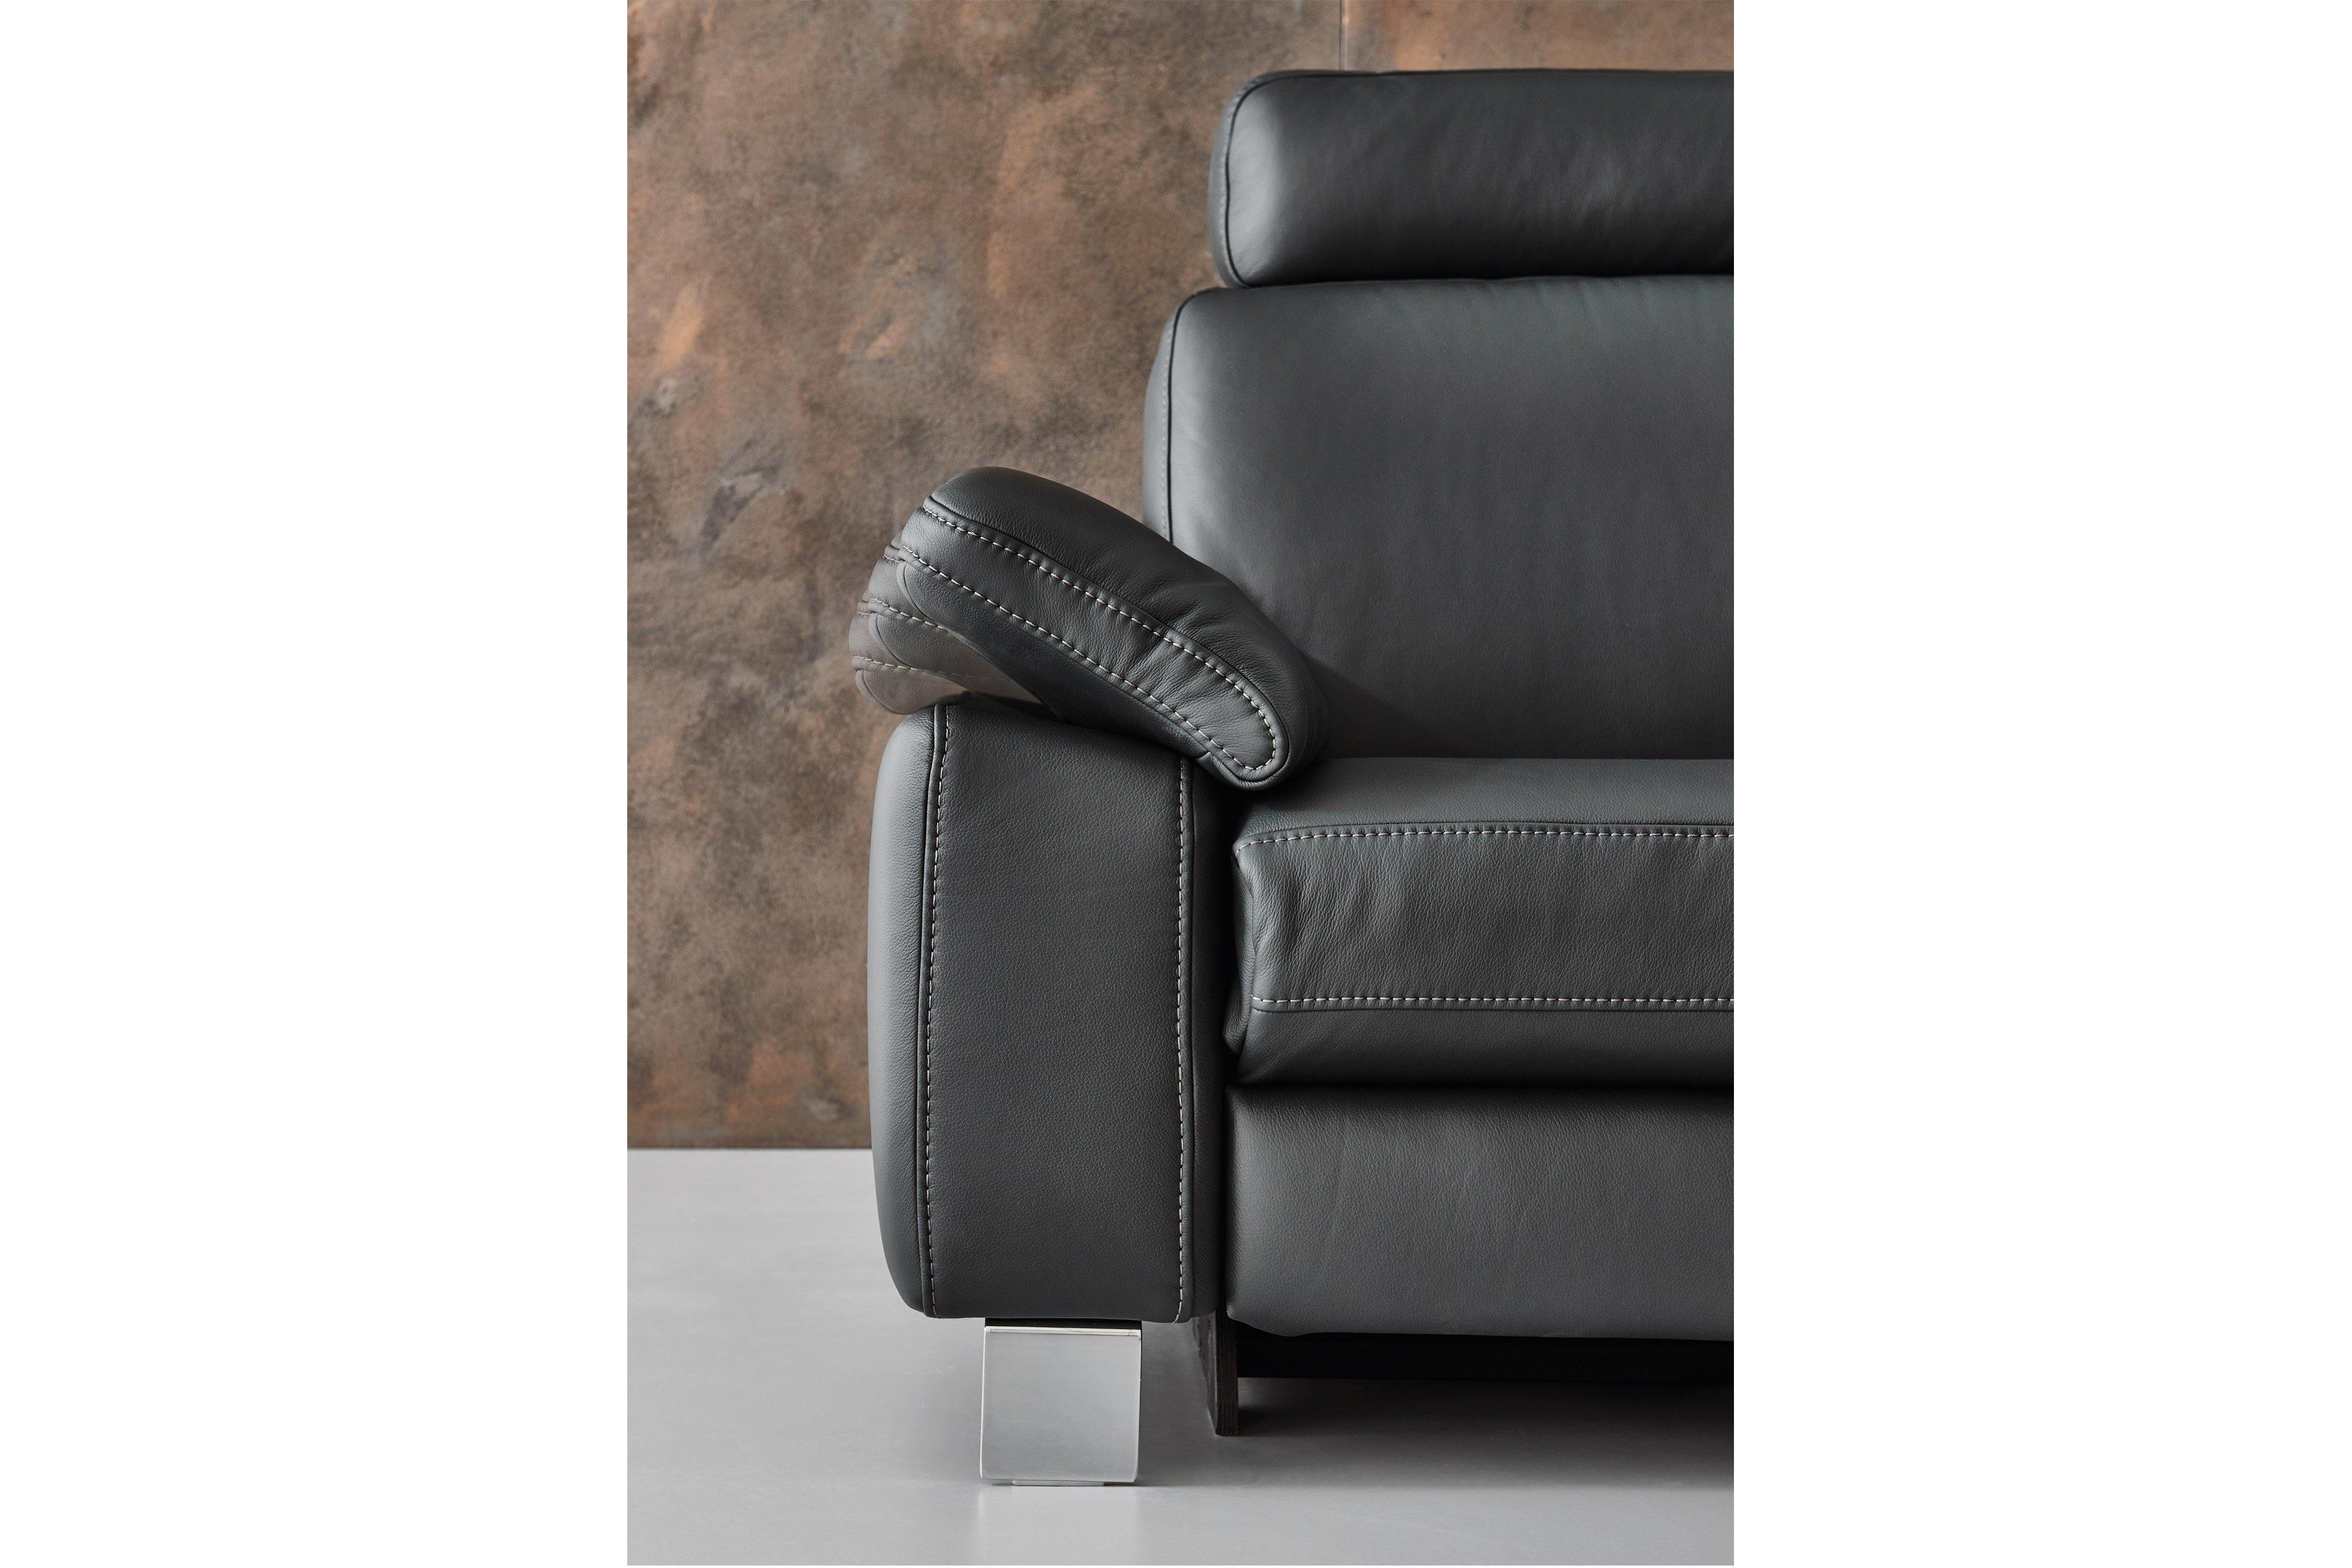 hukla sofastyle wohnlandschaft in schwarz m bel letz ihr online shop. Black Bedroom Furniture Sets. Home Design Ideas